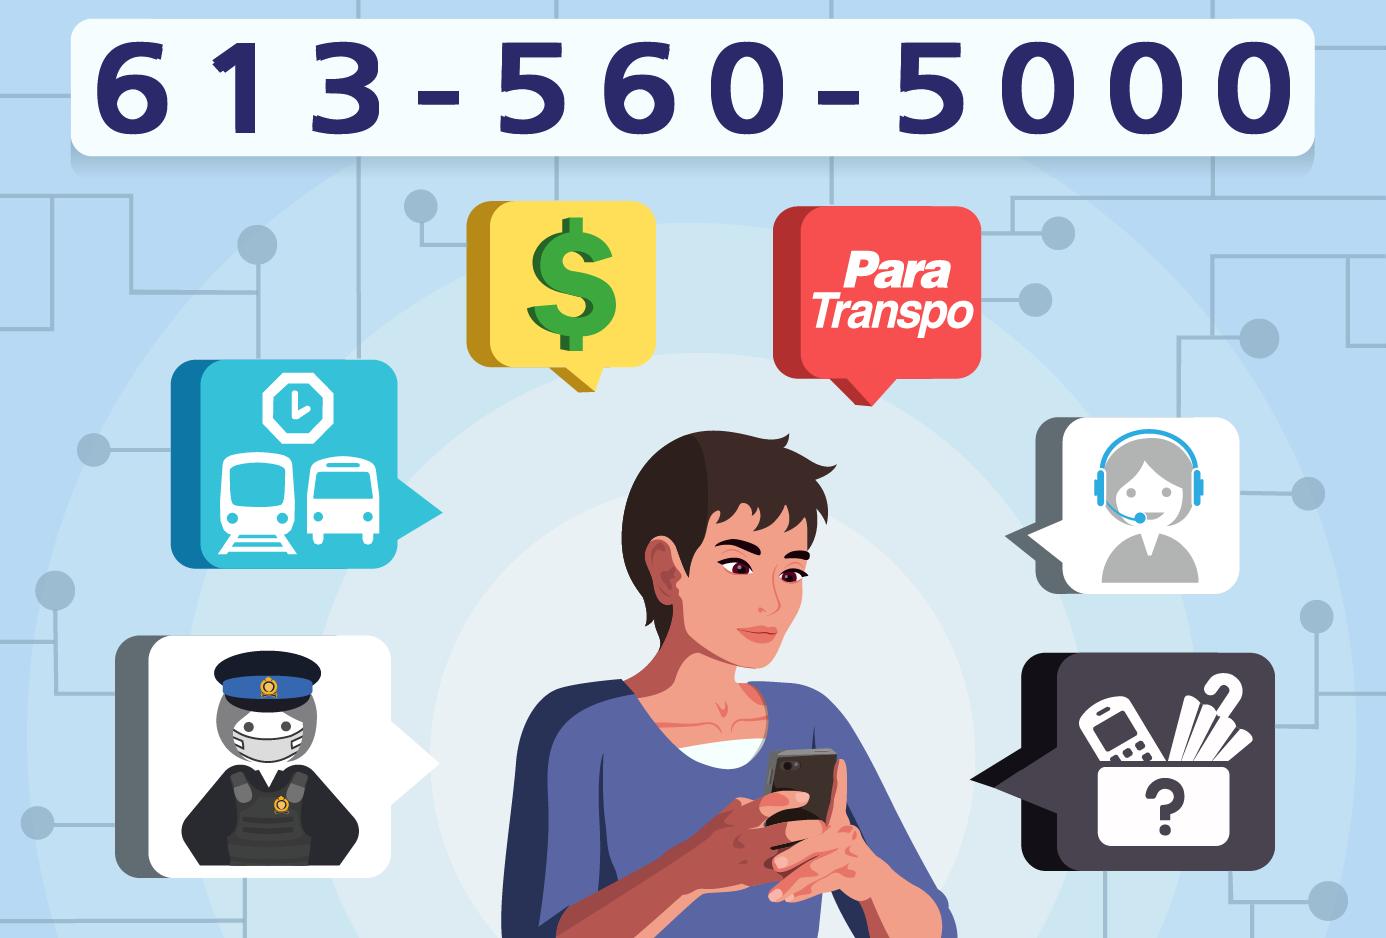 Image - 613-560-5000 – Un seul numéro pour tous nos services